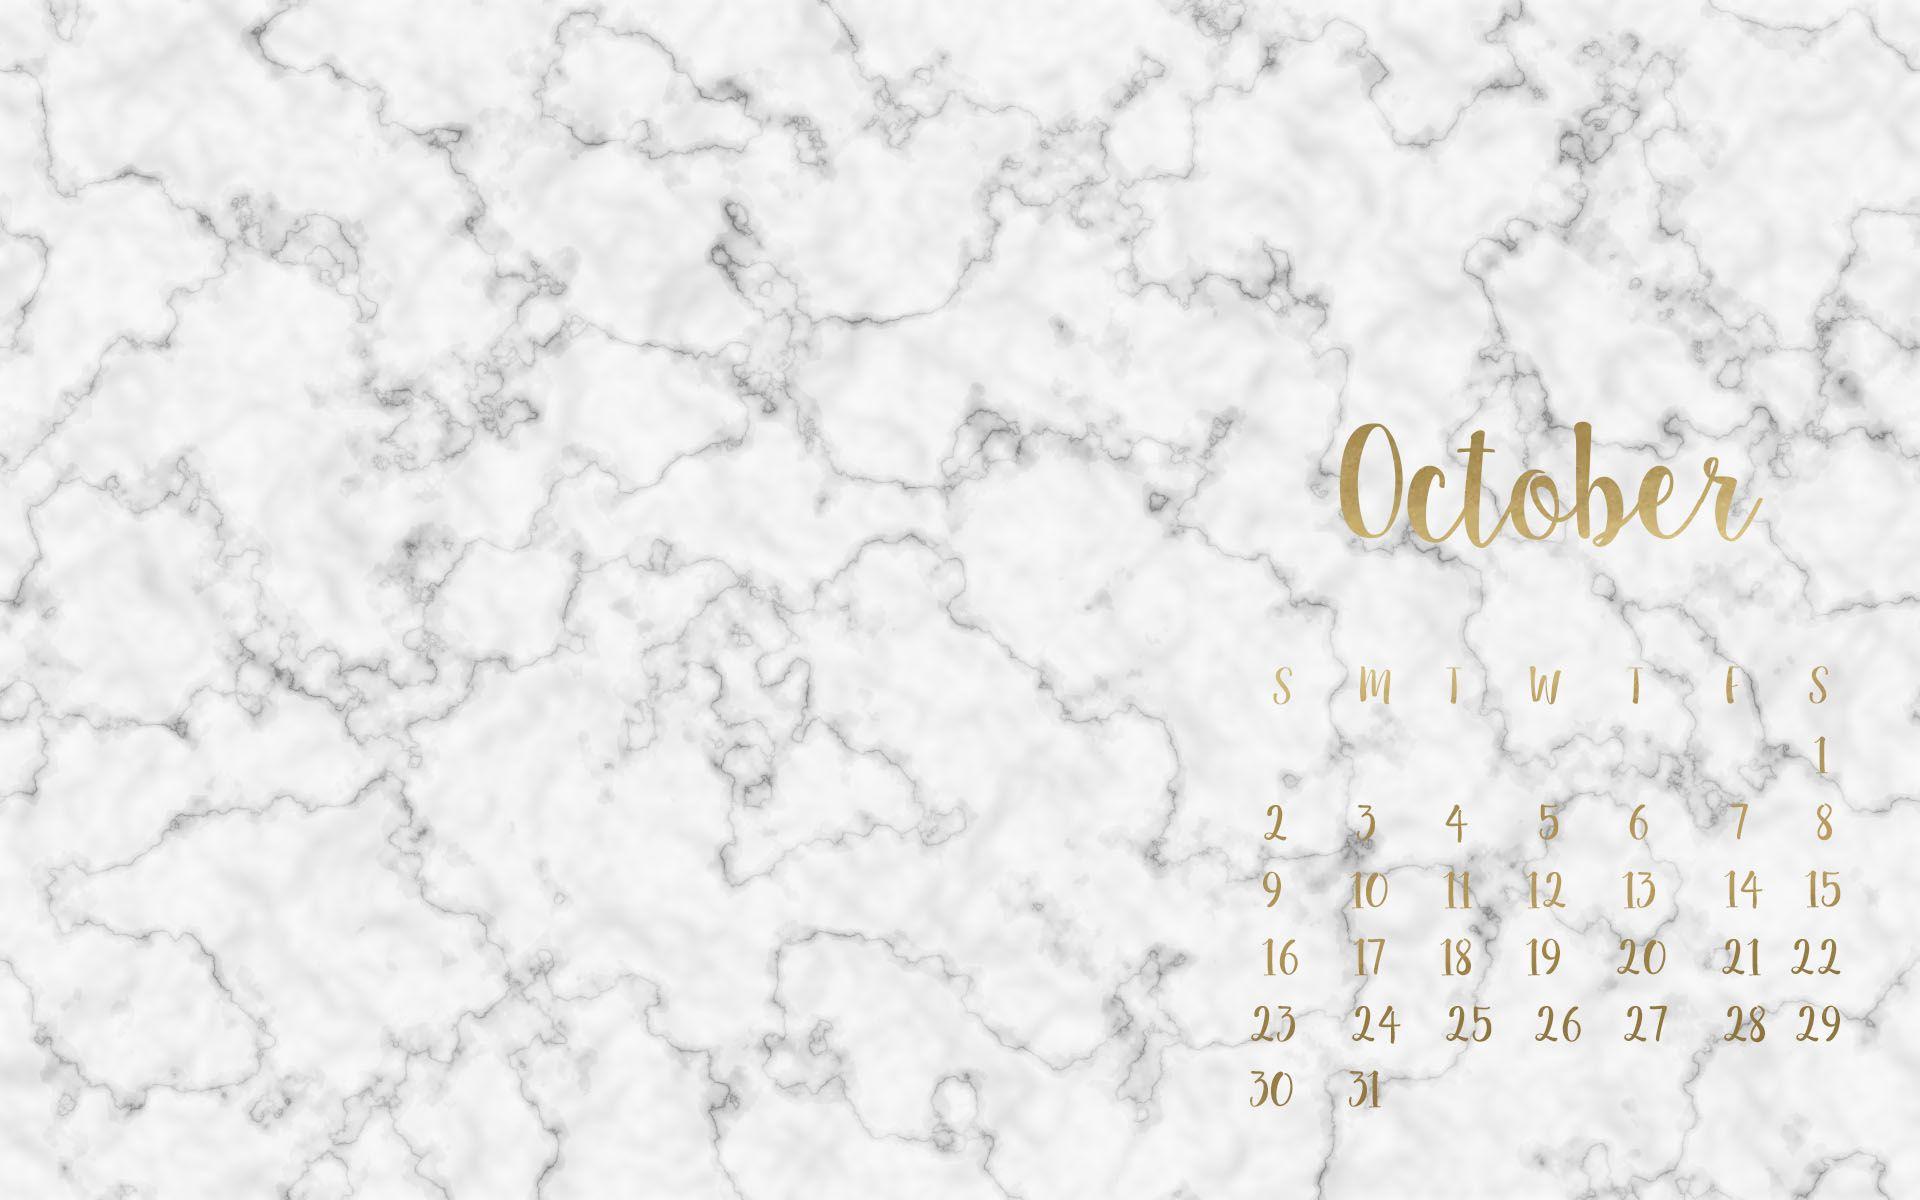 Free October Desktop Wallpapers Desktop Wallpaper Fall Desktop Wallpaper Calendar Marble Desktop Wallpaper